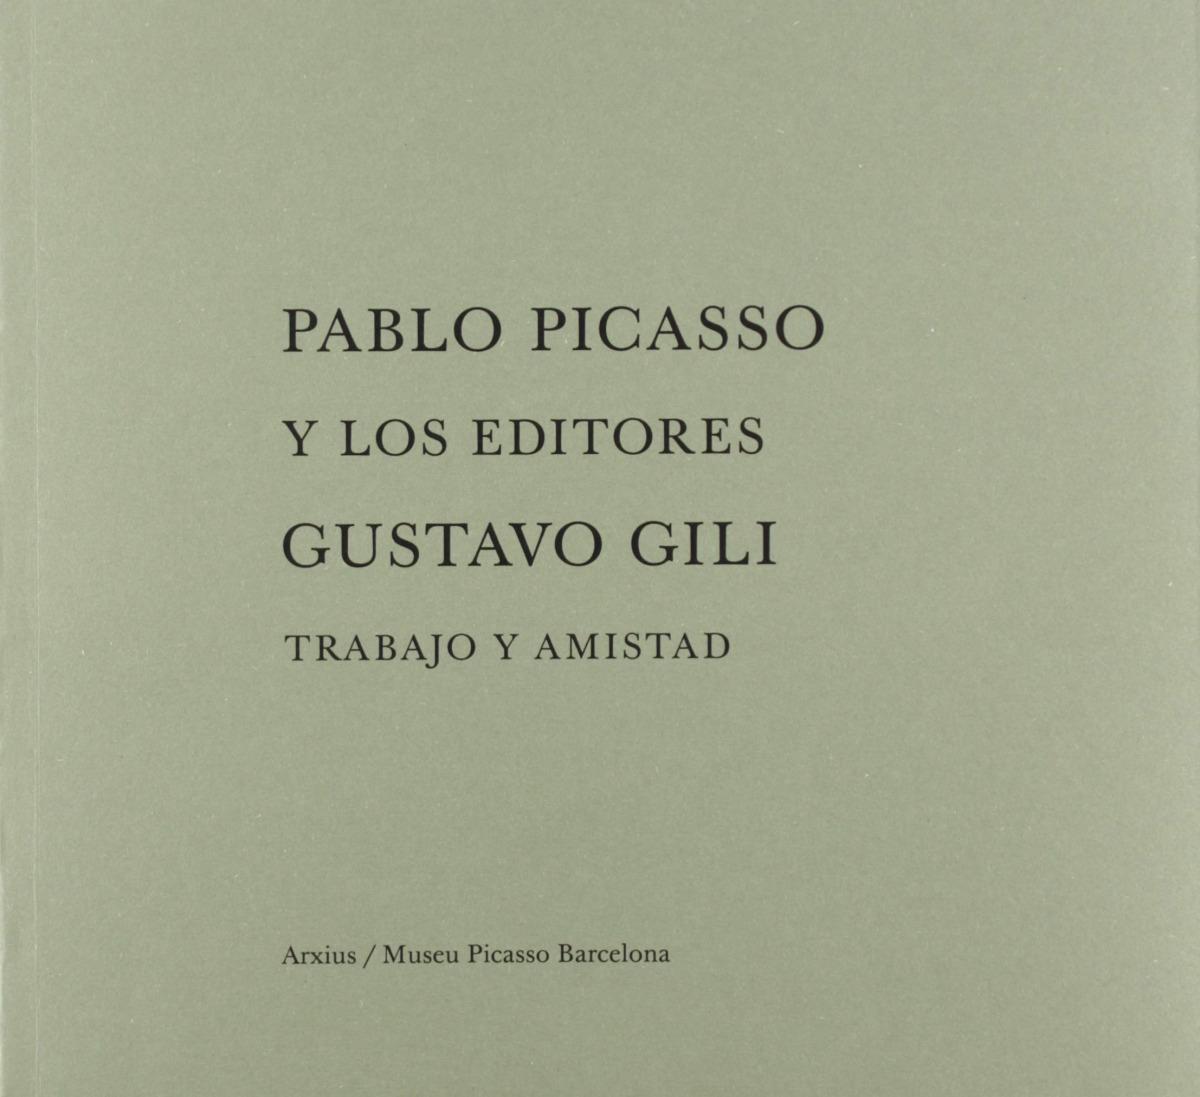 Pablo Picasso y los editores Gustavo Gili